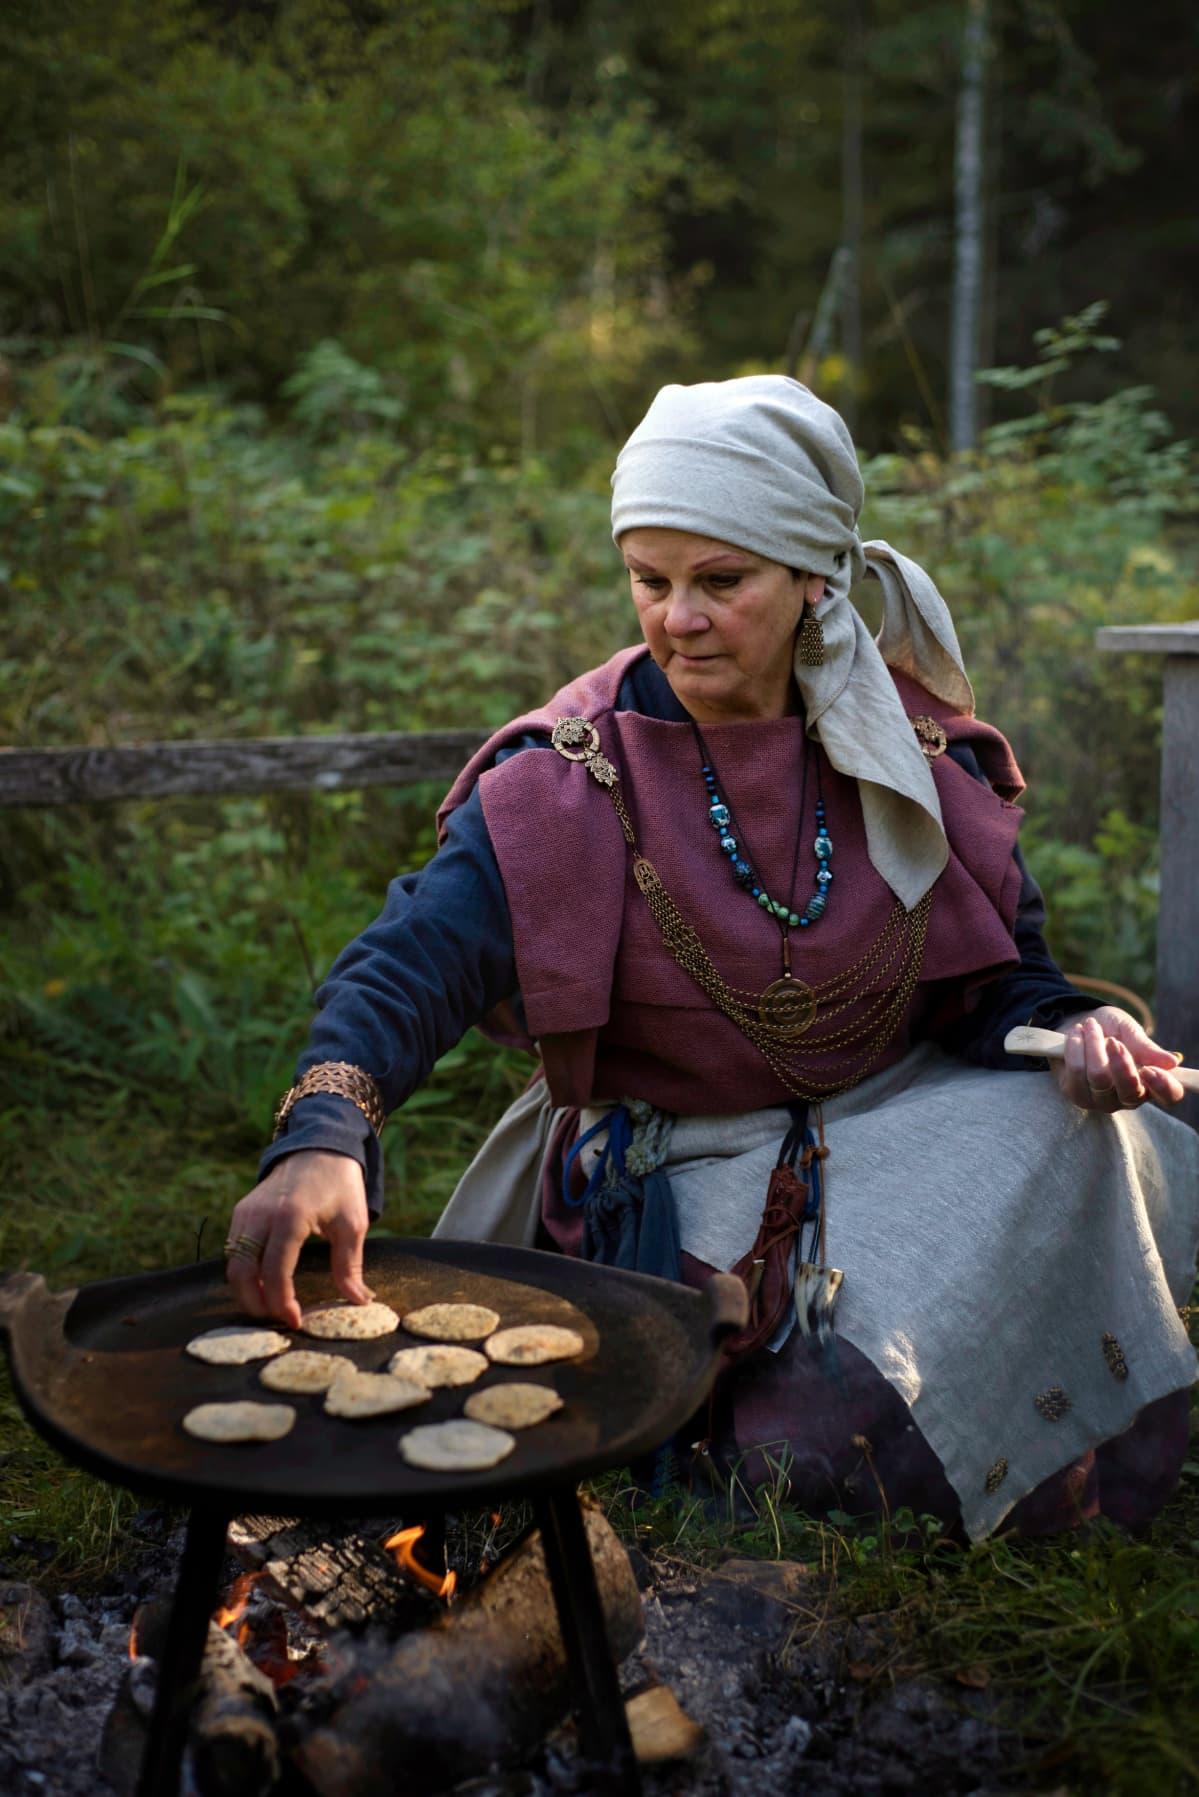 Rautakautiseen asuun pukeutunut nainen paistaa leipäsiä.